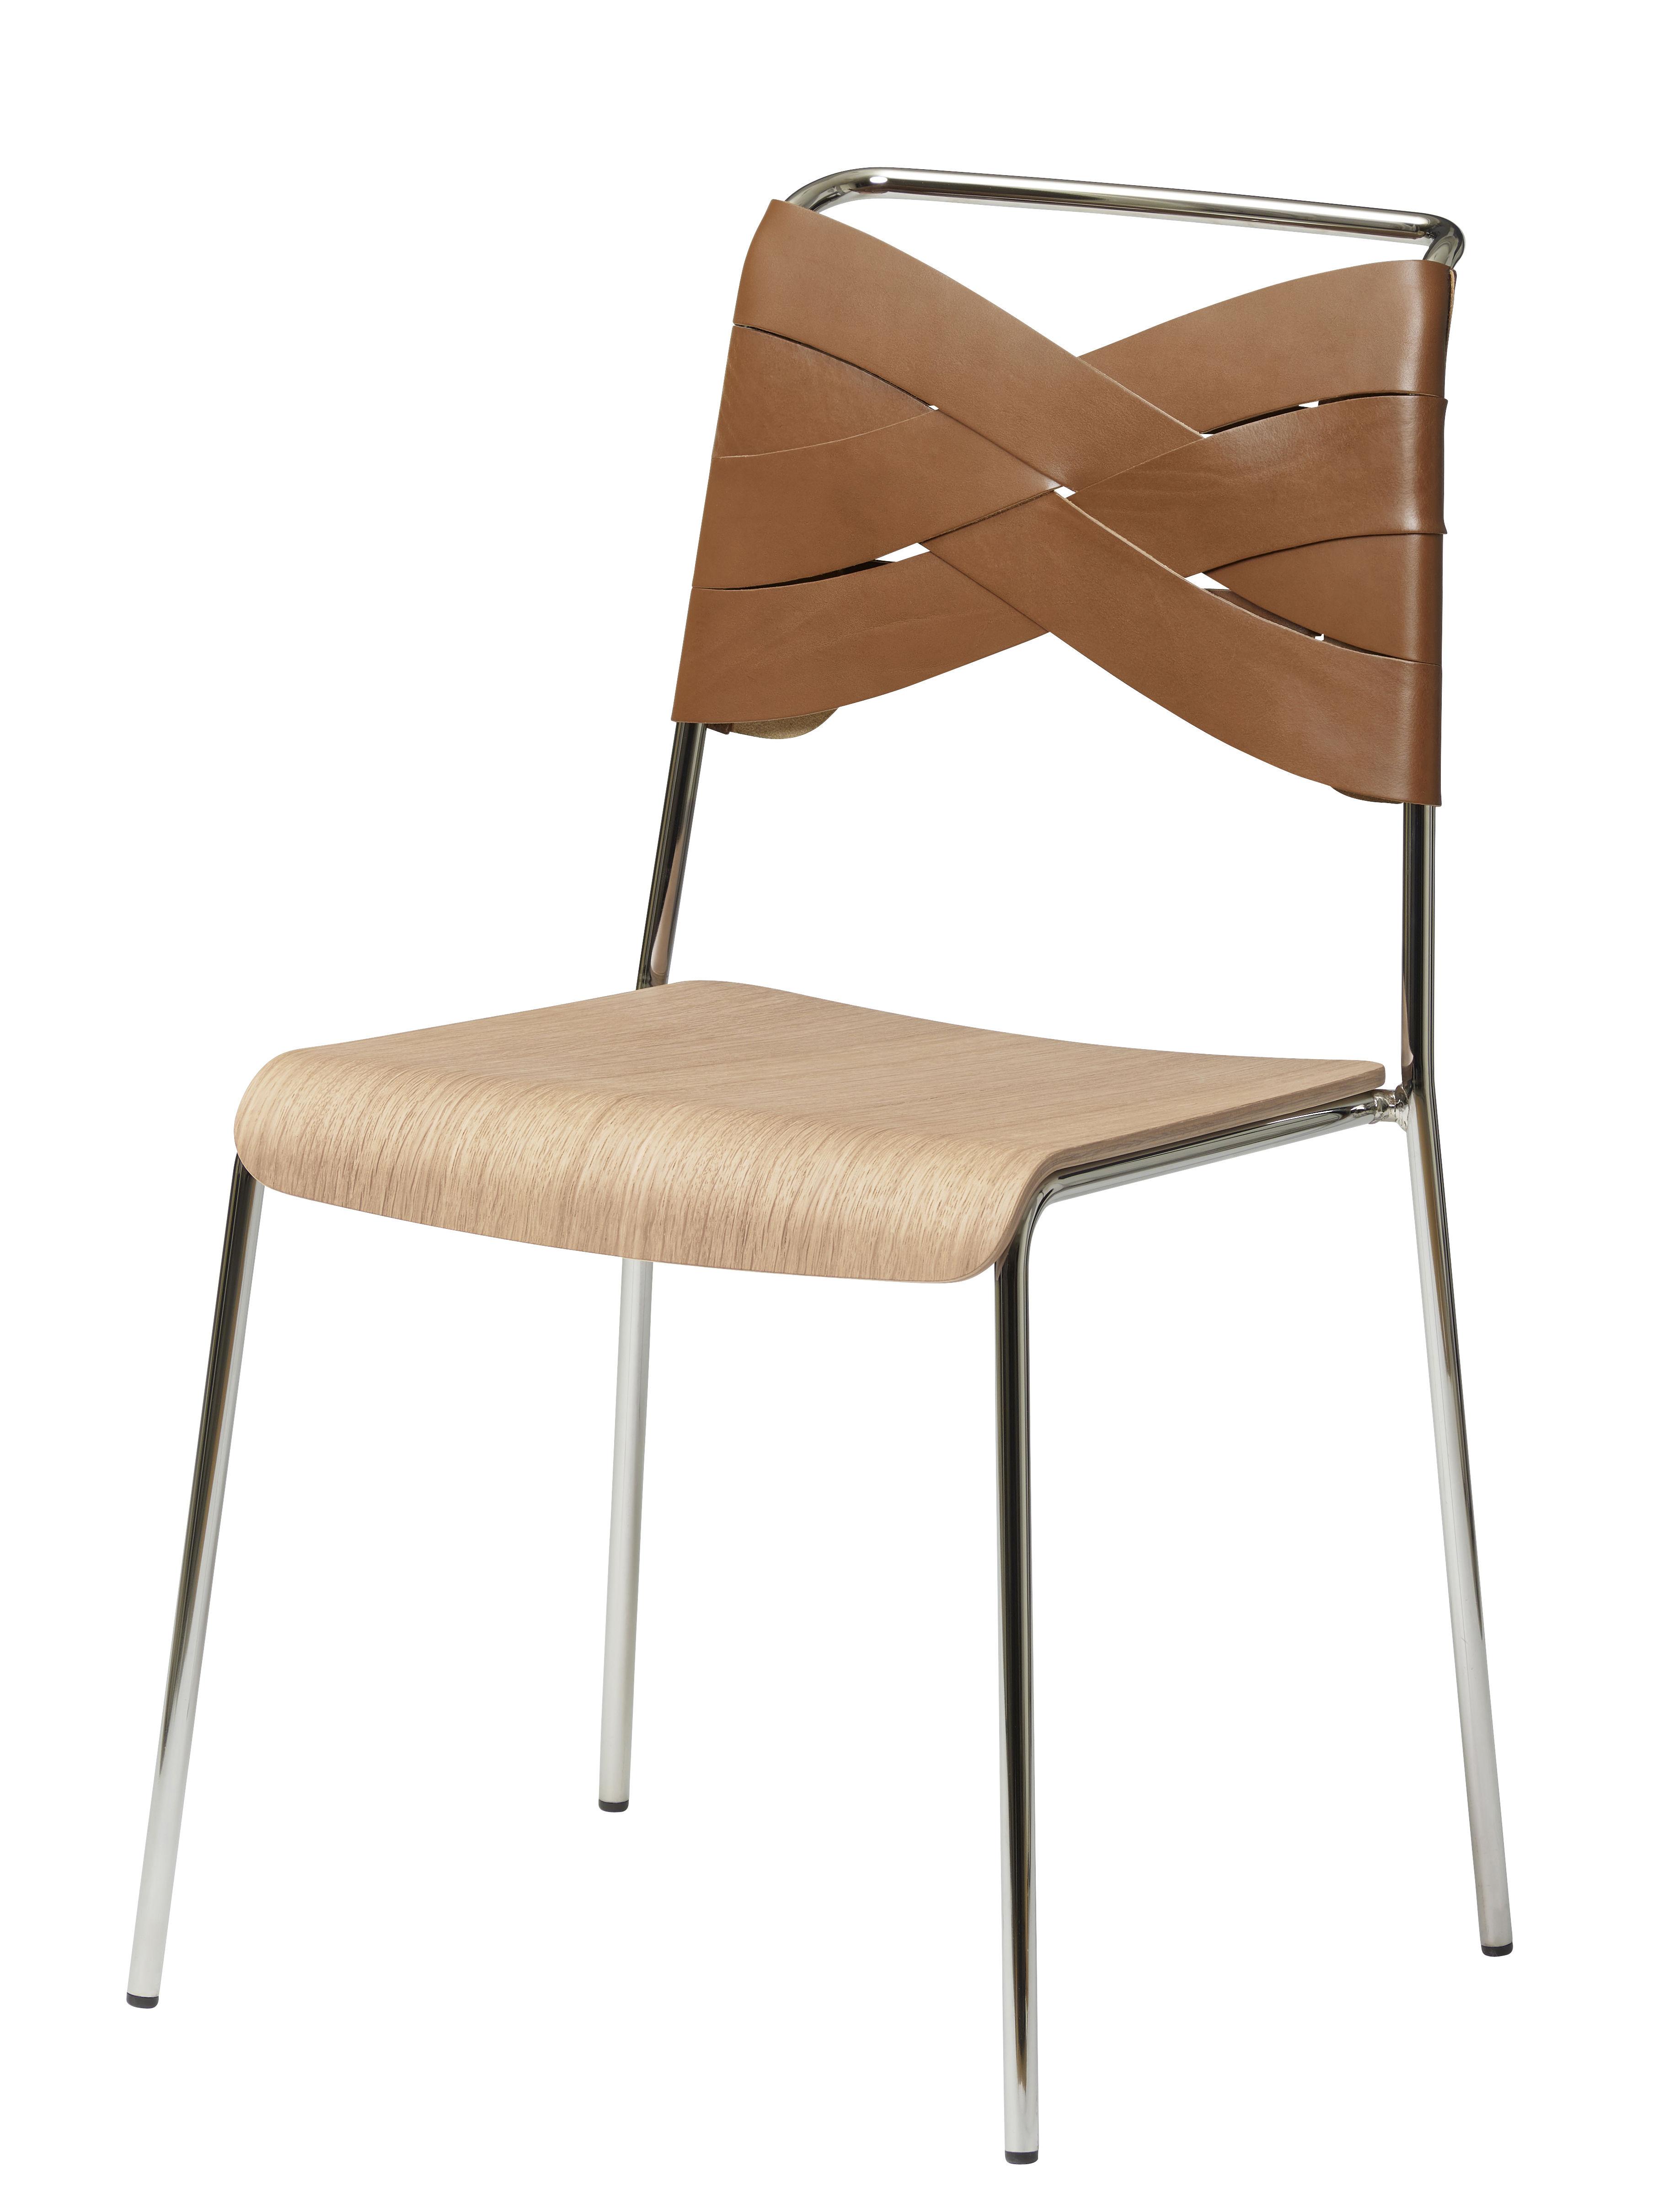 Mobilier - Chaises, fauteuils de salle à manger - Chaise Torso / Cuir - Design House Stockholm - Cuir cognac / Assise chêne - Contreplaqué de chêne naturel, Cuir véritable, Métal chromé